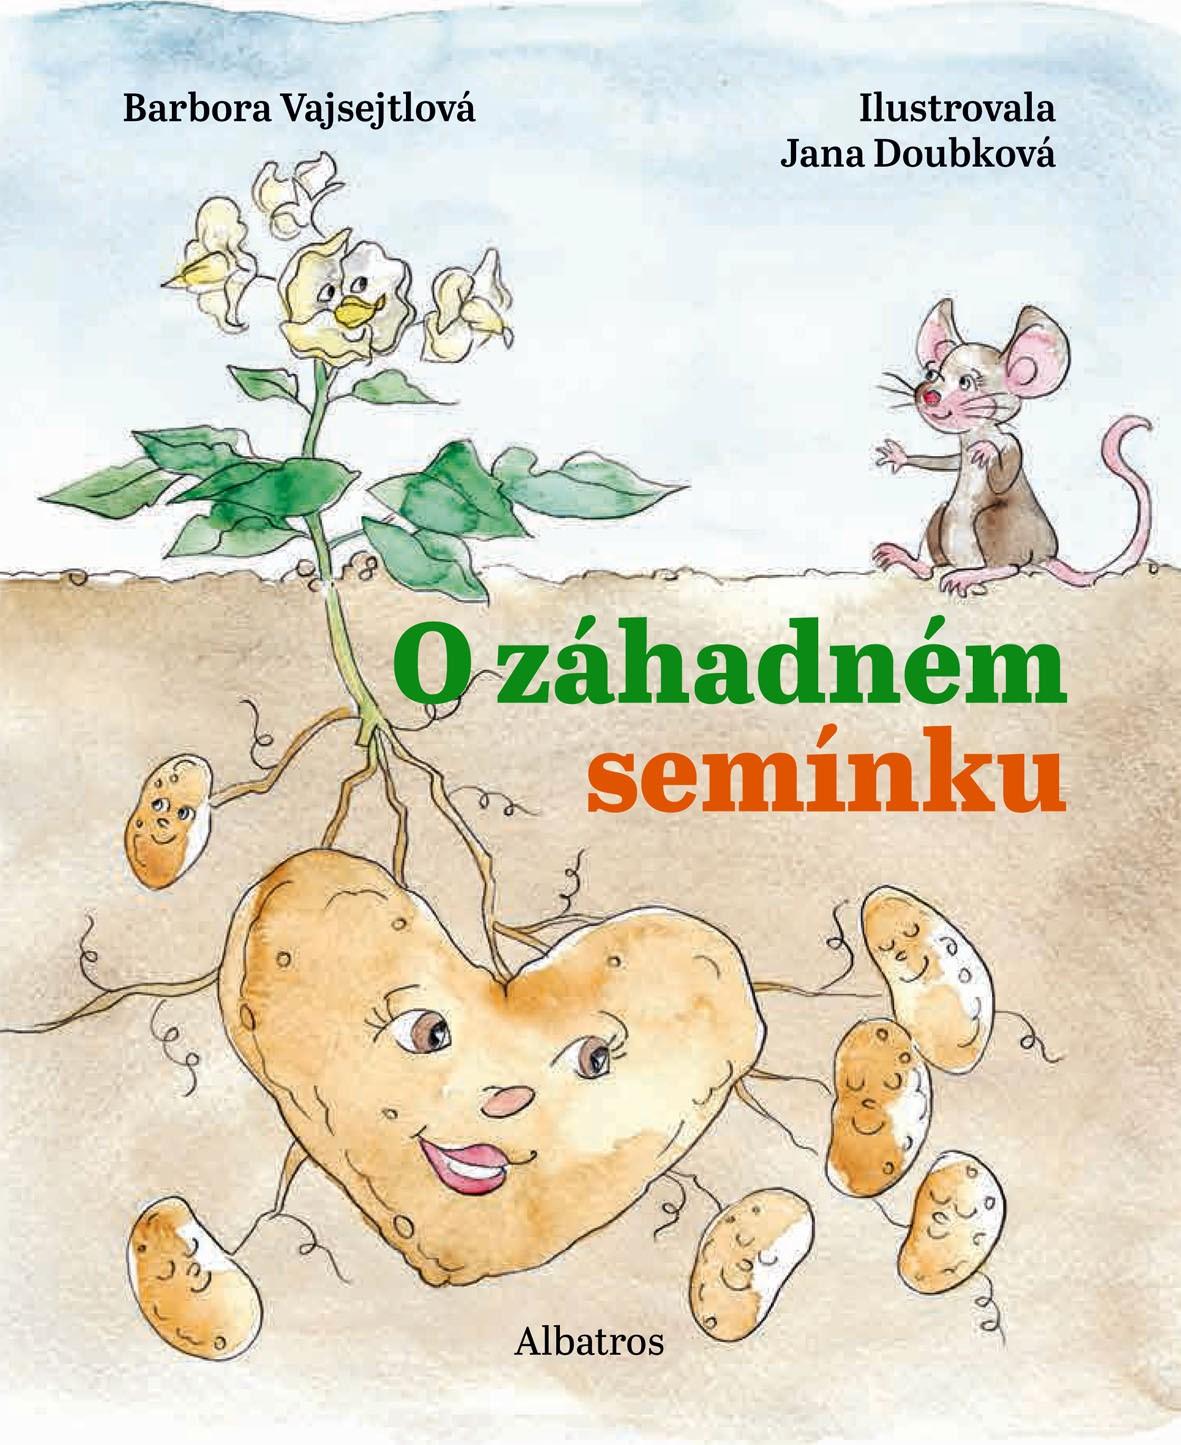 O záhadném semínku - Barbora Vajsejtlová